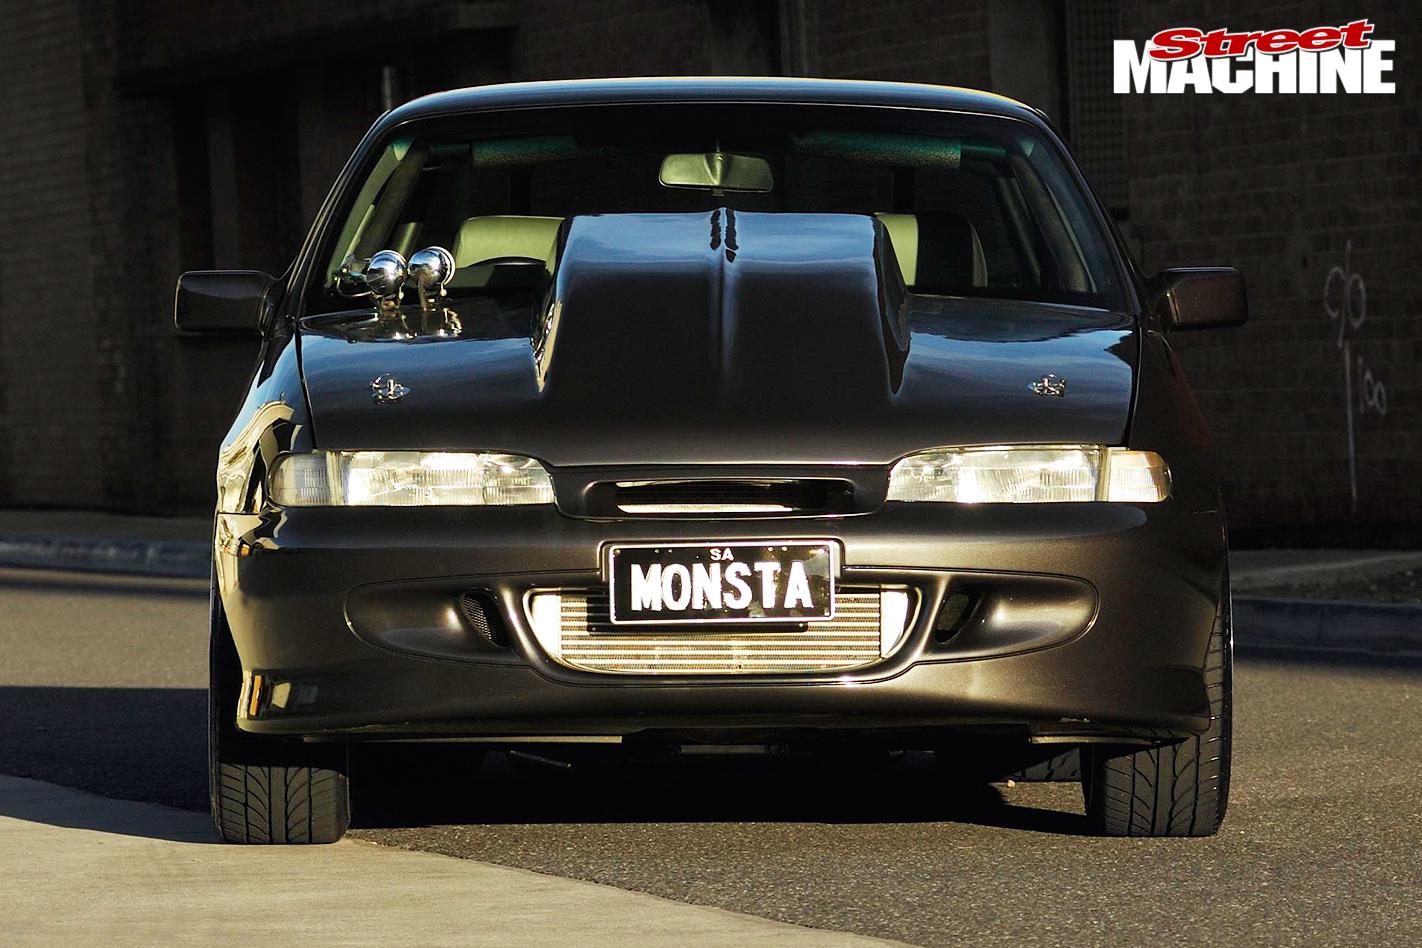 A-Monsta -main -2